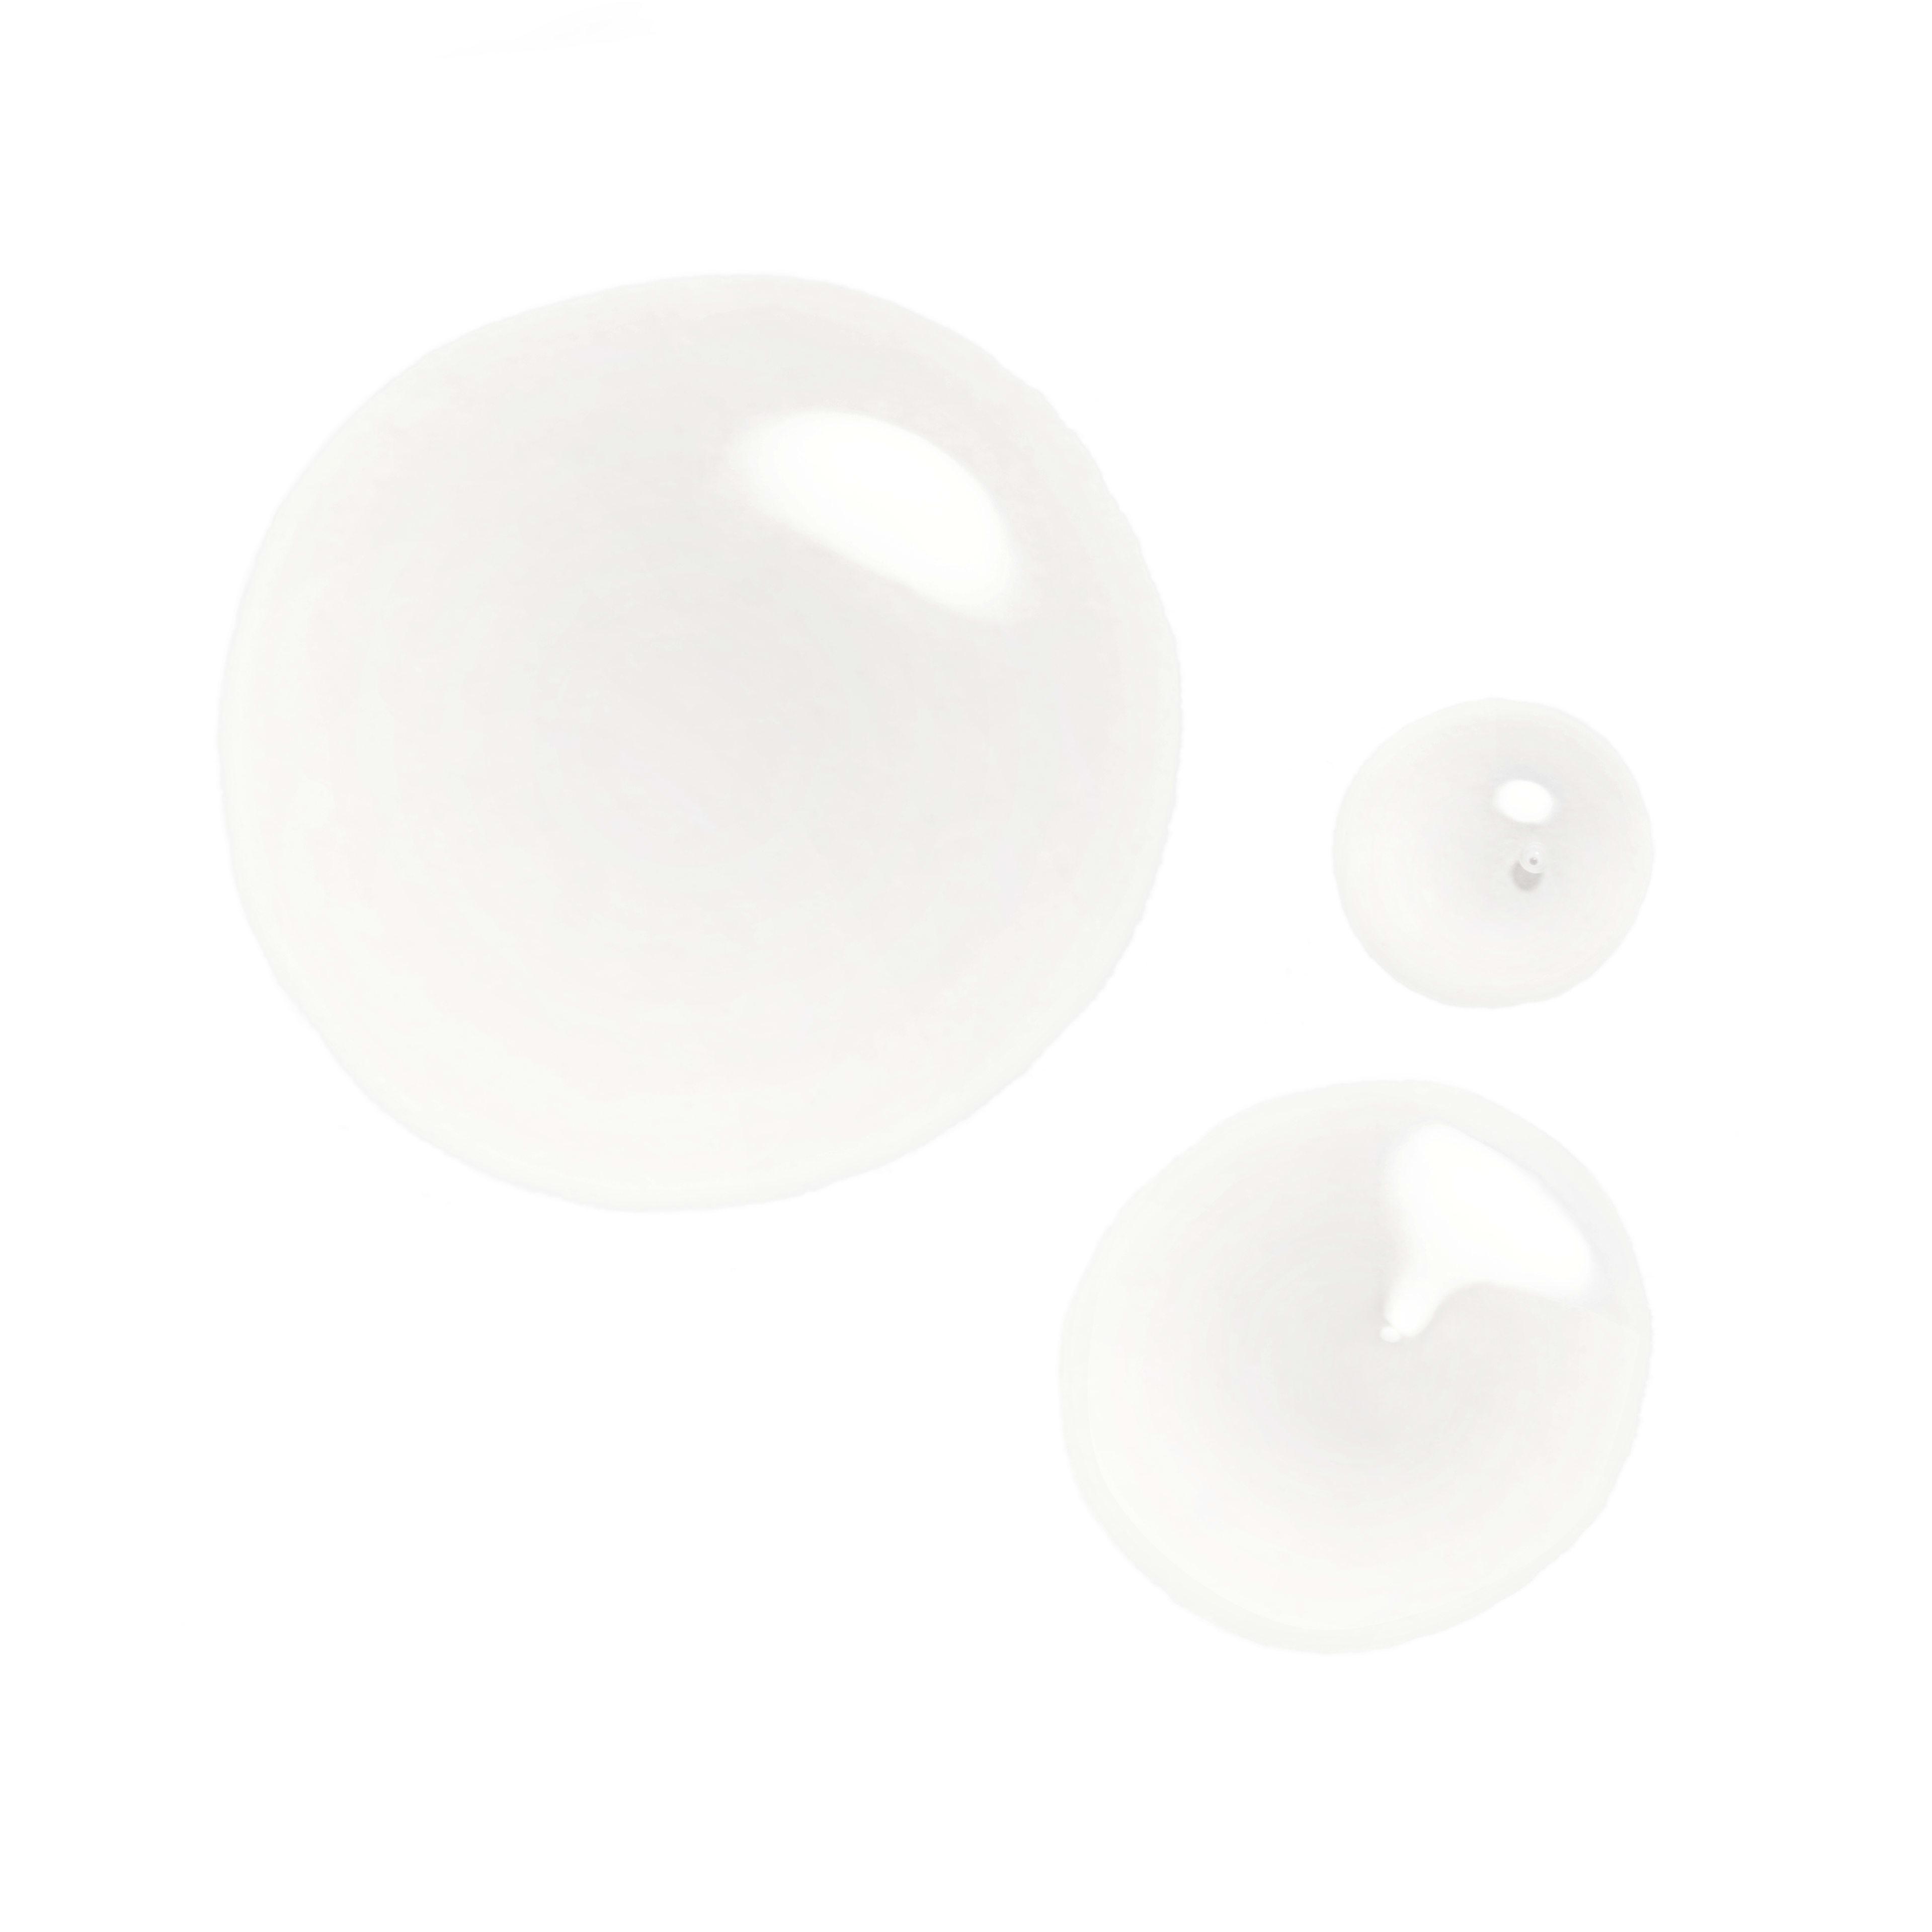 香奈兒茉莉身體亮采油 - skincare - 250ml - 基本質地視圖